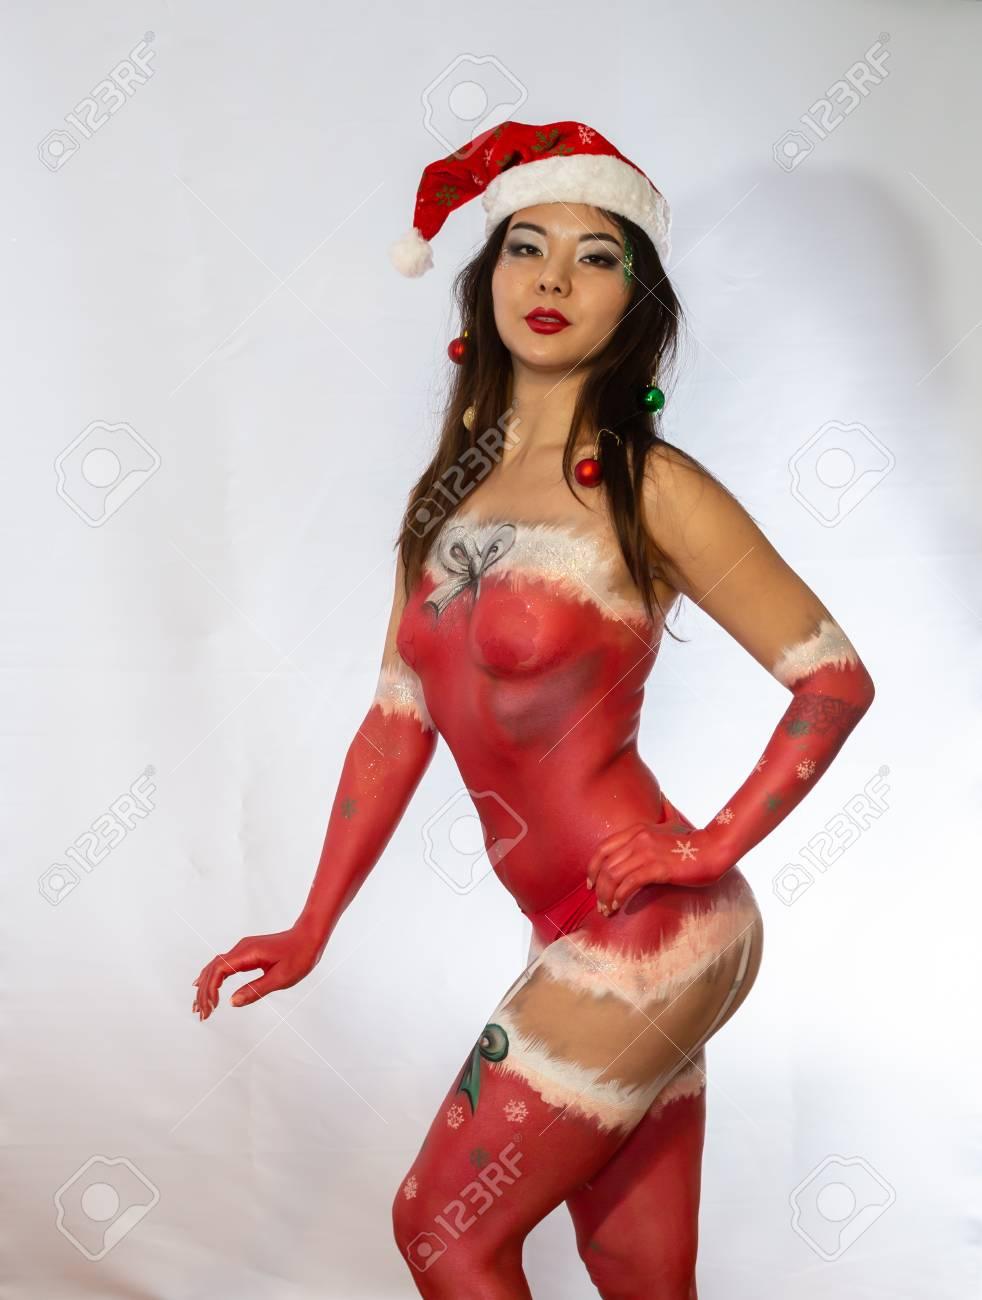 Village hot girls porn